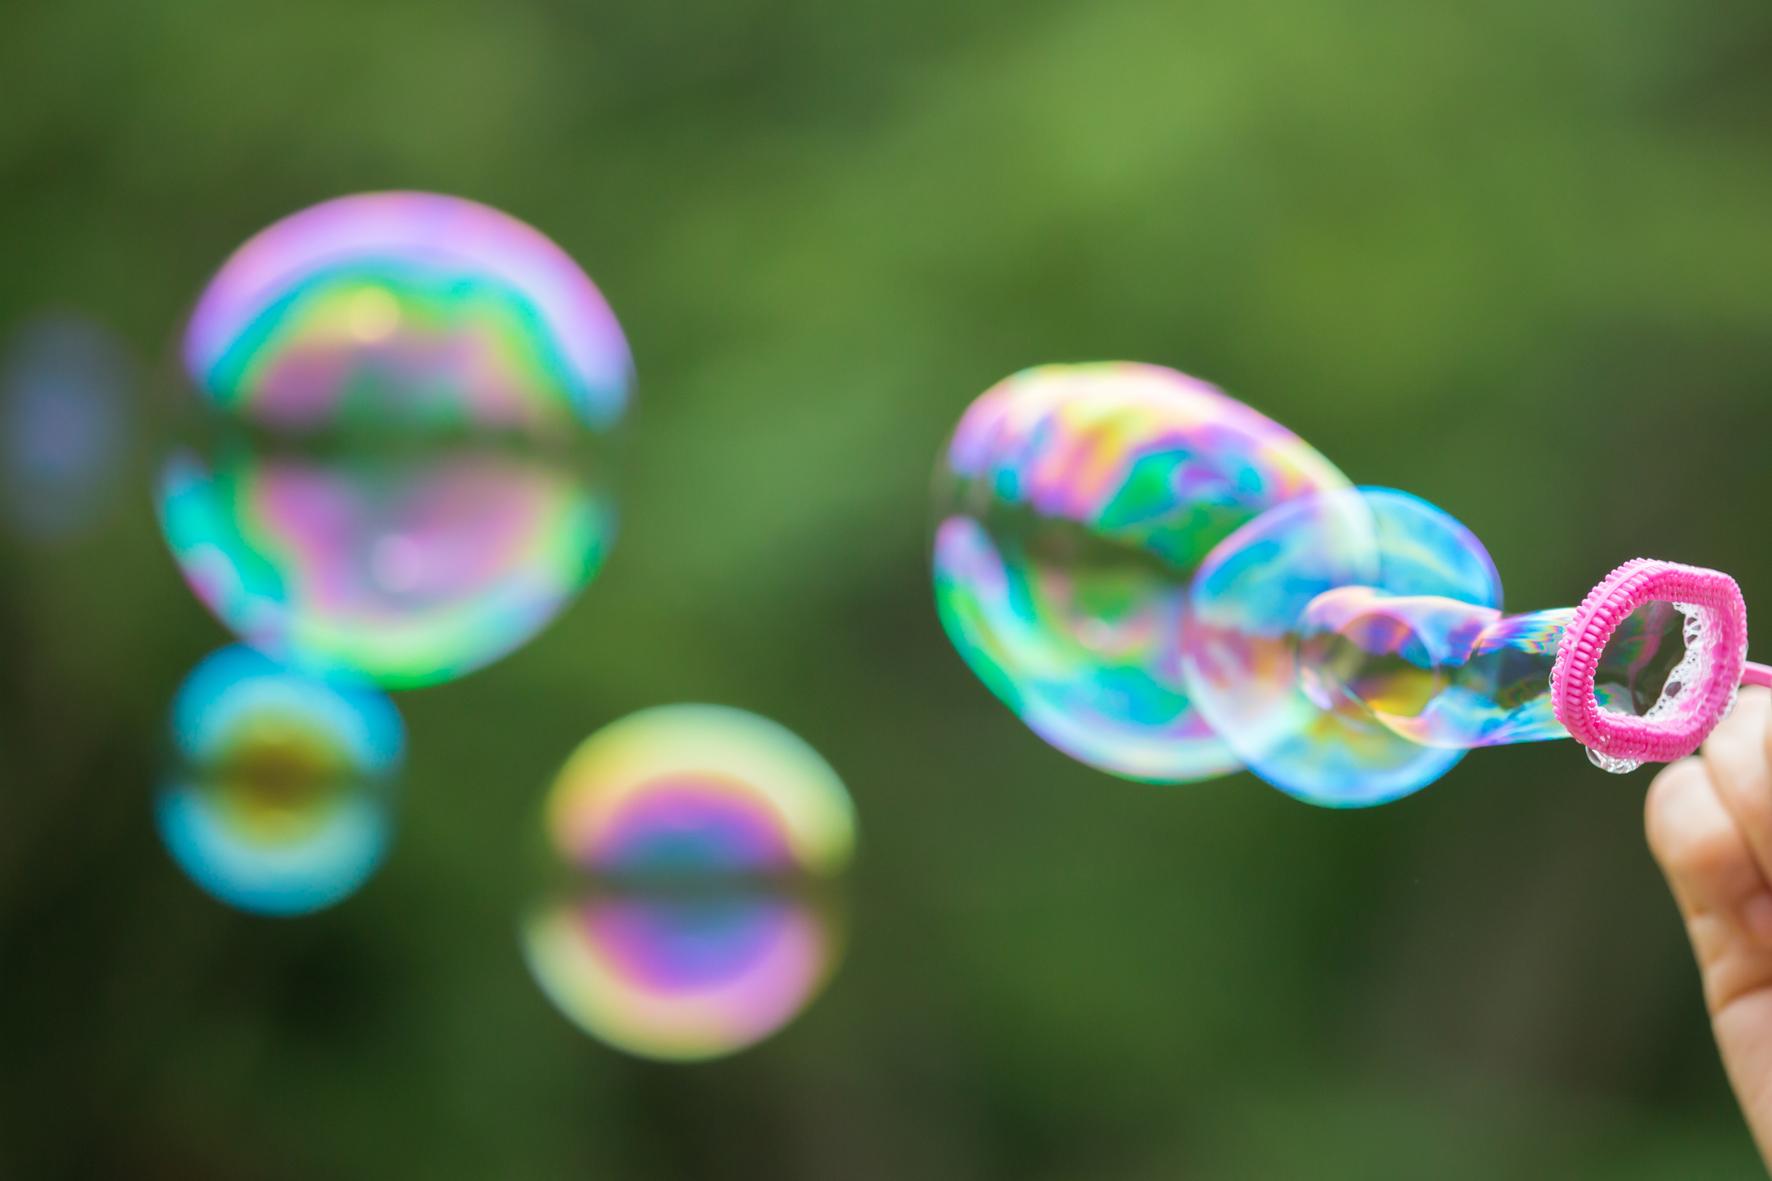 Mýdlové bubliny jsou zábava, která nezevšední, a tak pro dětské hosty připravte raději několik bublifuků, aby se o ně nepřetahovali.